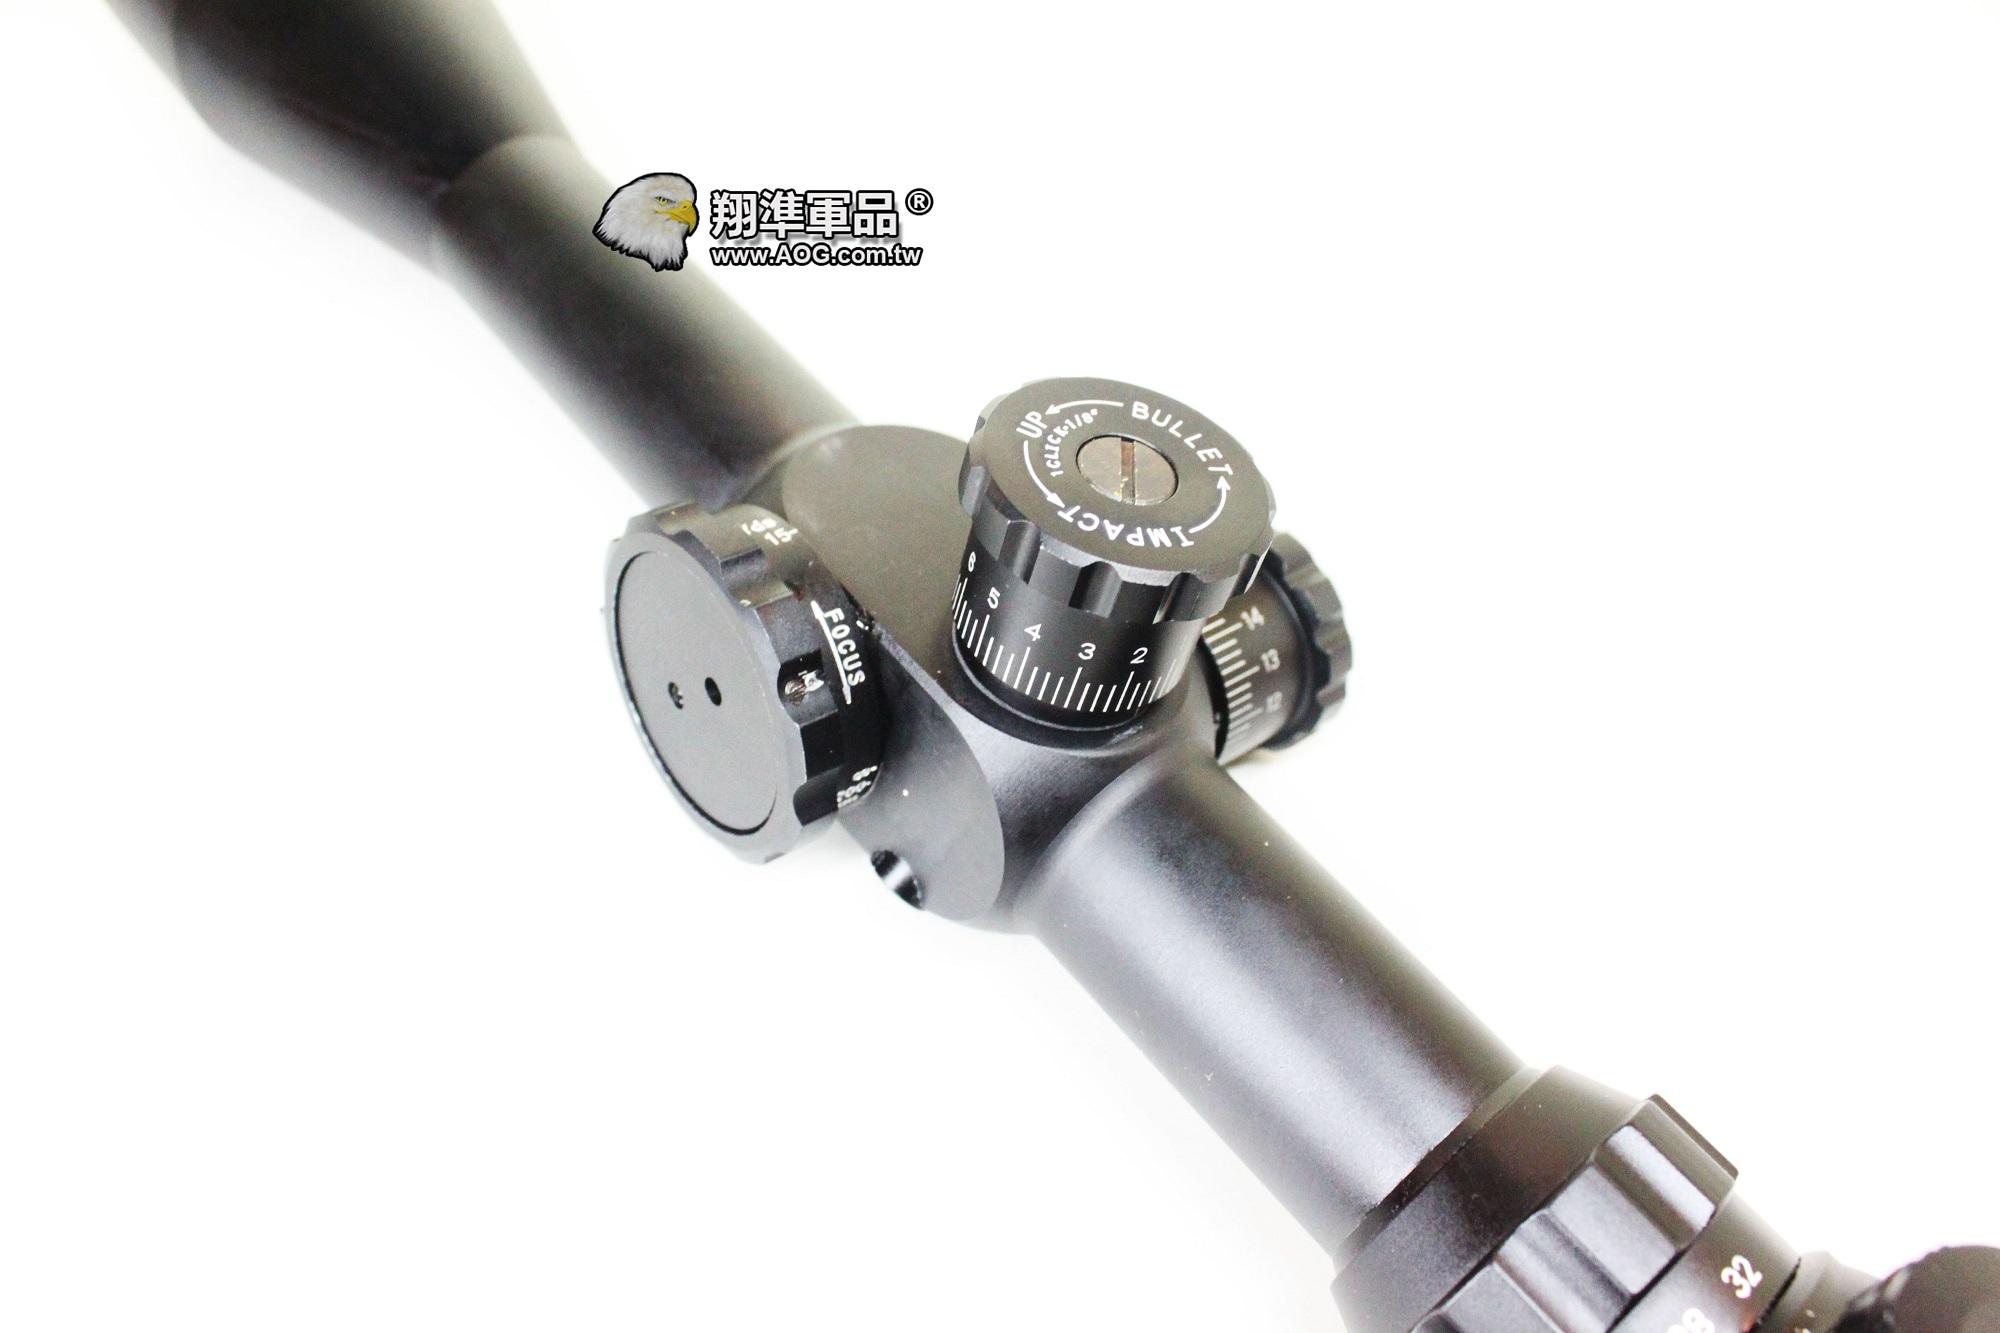 【翔準軍品AOG】8-32X50 水平儀 抗震 全金屬狙擊鏡 瞄準器 可歸零(紅綠光)B01075